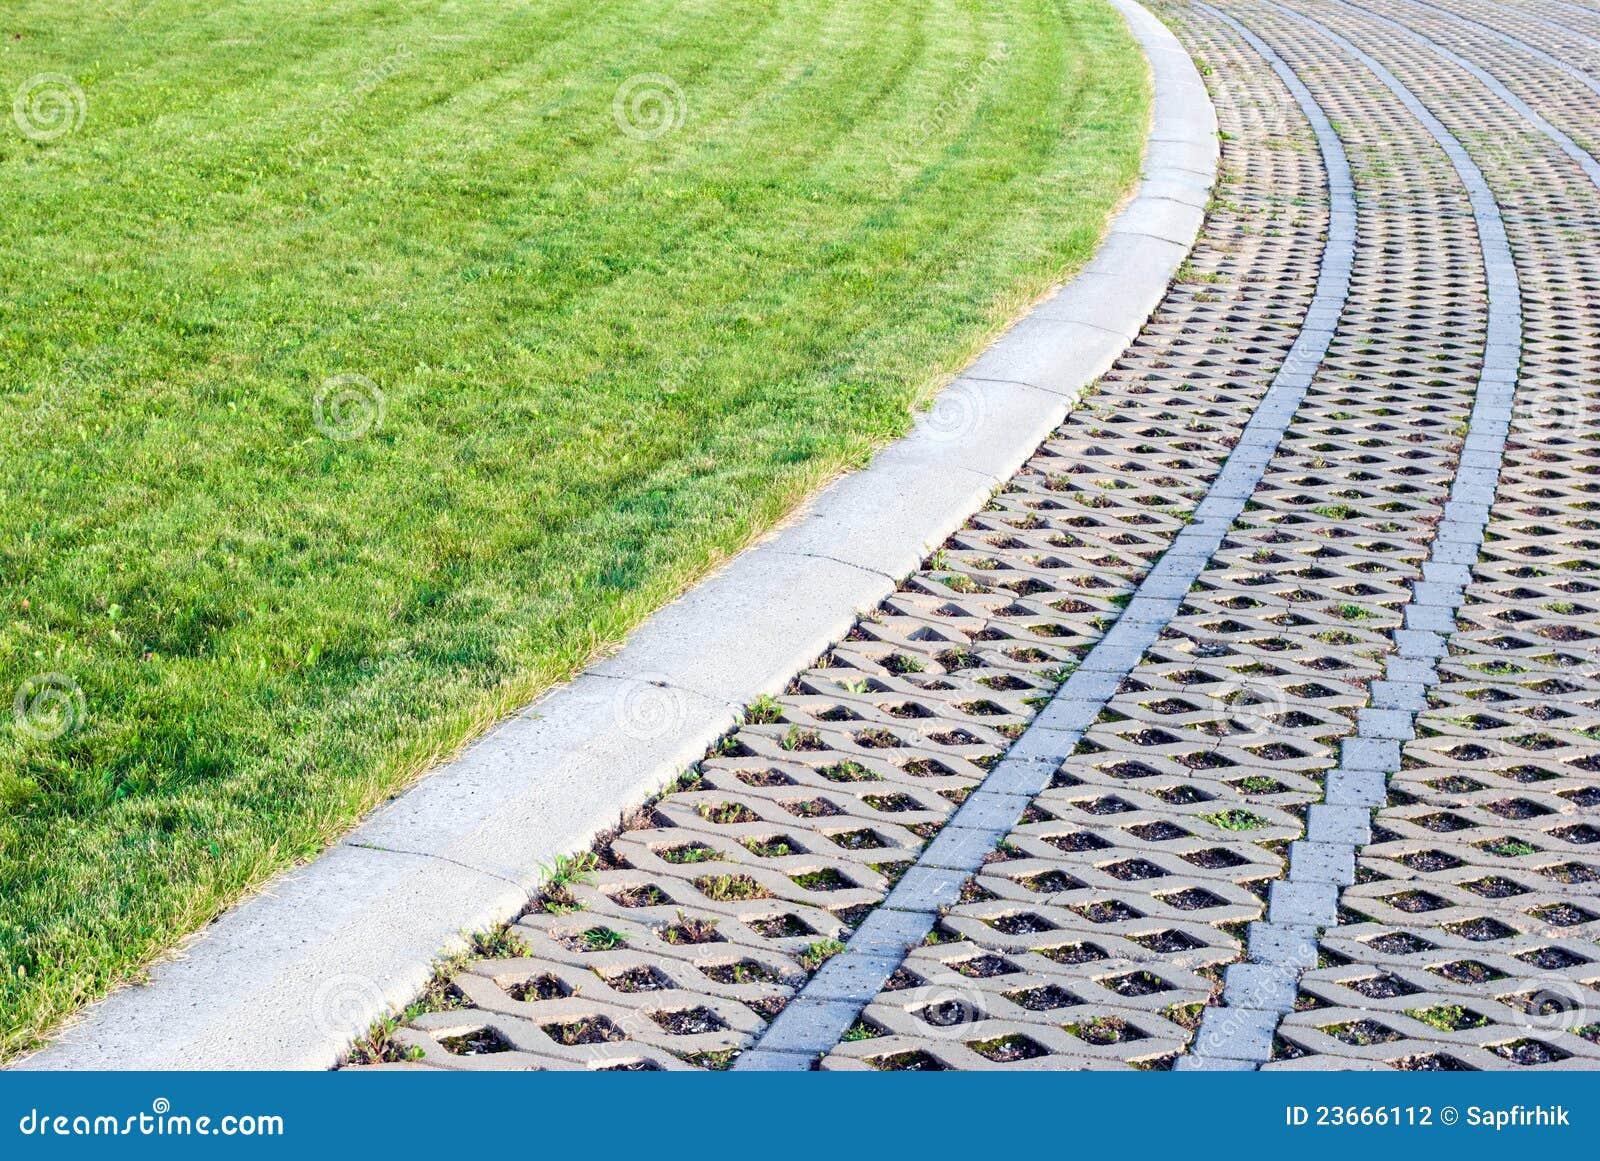 Groen gazon met kiezelstenen en tegels stock foto afbeelding 23666112 - Aangelegde tuin met kiezelstenen ...